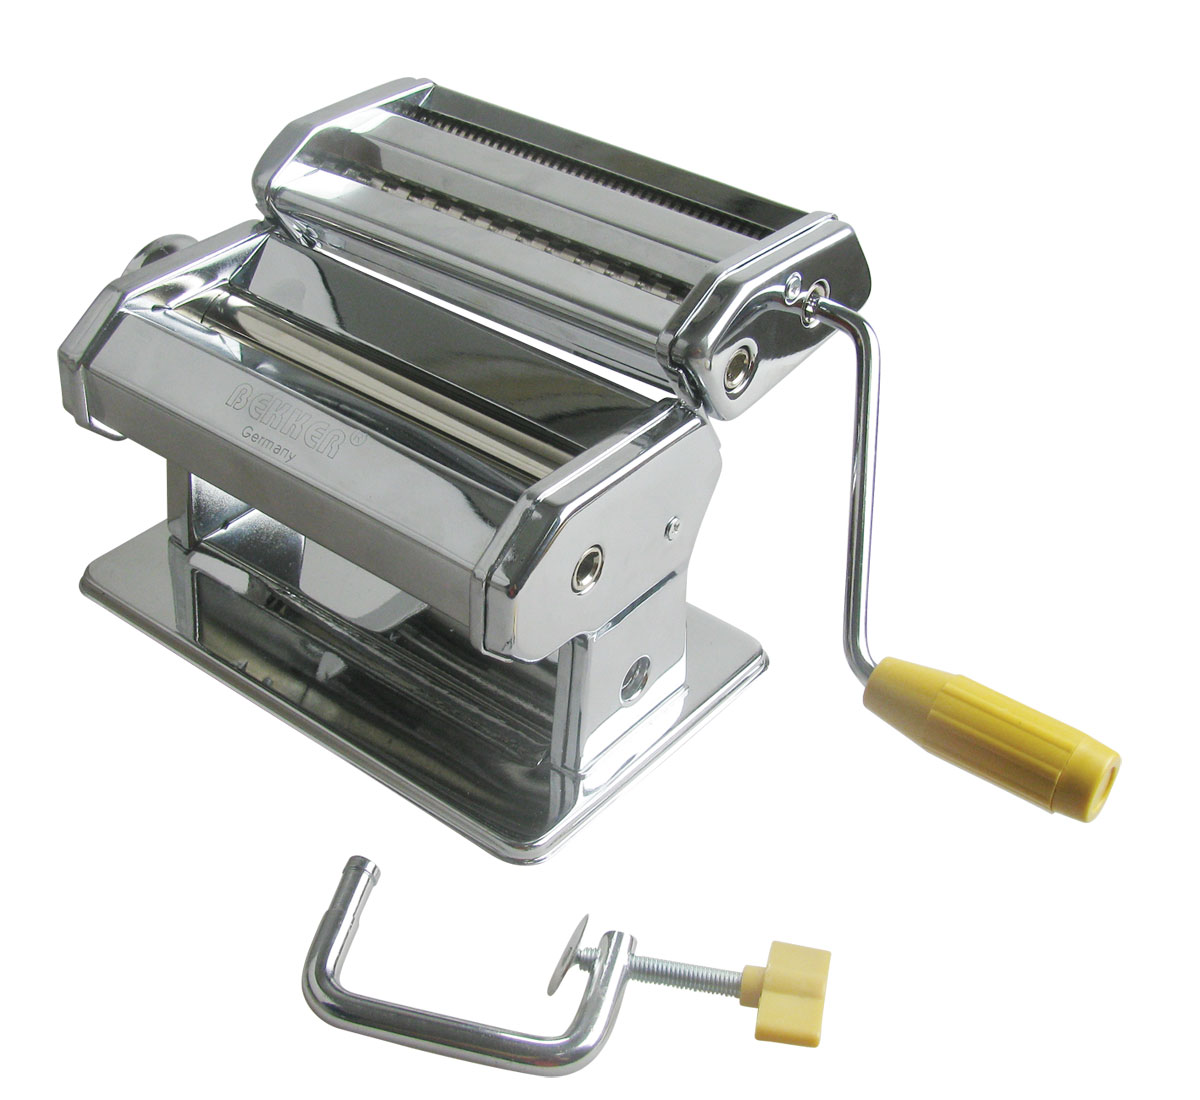 Лапшерезка Bekker, 24 см х 19 см х 15,5 смBK-5200Лапшерезка Bekker выполнена из высококачественной нержавеющей стали. Машинка состоит из нескольких частей: валик для раскатки теста, нарезной блок, регулятор толщины теста и ширины лапши, ручка, фиксатор. Регулируемая толщина теста от 0,5 мм до 3 мм. Регулируемая ширина лапши от 2,2 мм до 6,6 мм.С помощью такой машинки очень легко готовить лапшу: - прокатите тесто через машинку; - разрежьте тесто на ровные полоски с помощью ножа; - переставьте ручку в отверстие на нарезном блоке, установите необходимую толщину лапши и пропустите полоску через нарезной блок. Теперь с помощью такой машинки готовить вкусную лапшу можно в домашних условиях. Удобный и практичный прибор для любой хозяйки.Рекомендуется сухая ручная чистка.Ширина прокатного листа теста: 2,2 мм.Длина прокатного вала: 14,5 см.Материал валов: нержавеющая сталь. Размер лапшерезки: 24 см х 19 см х 15,5 см.